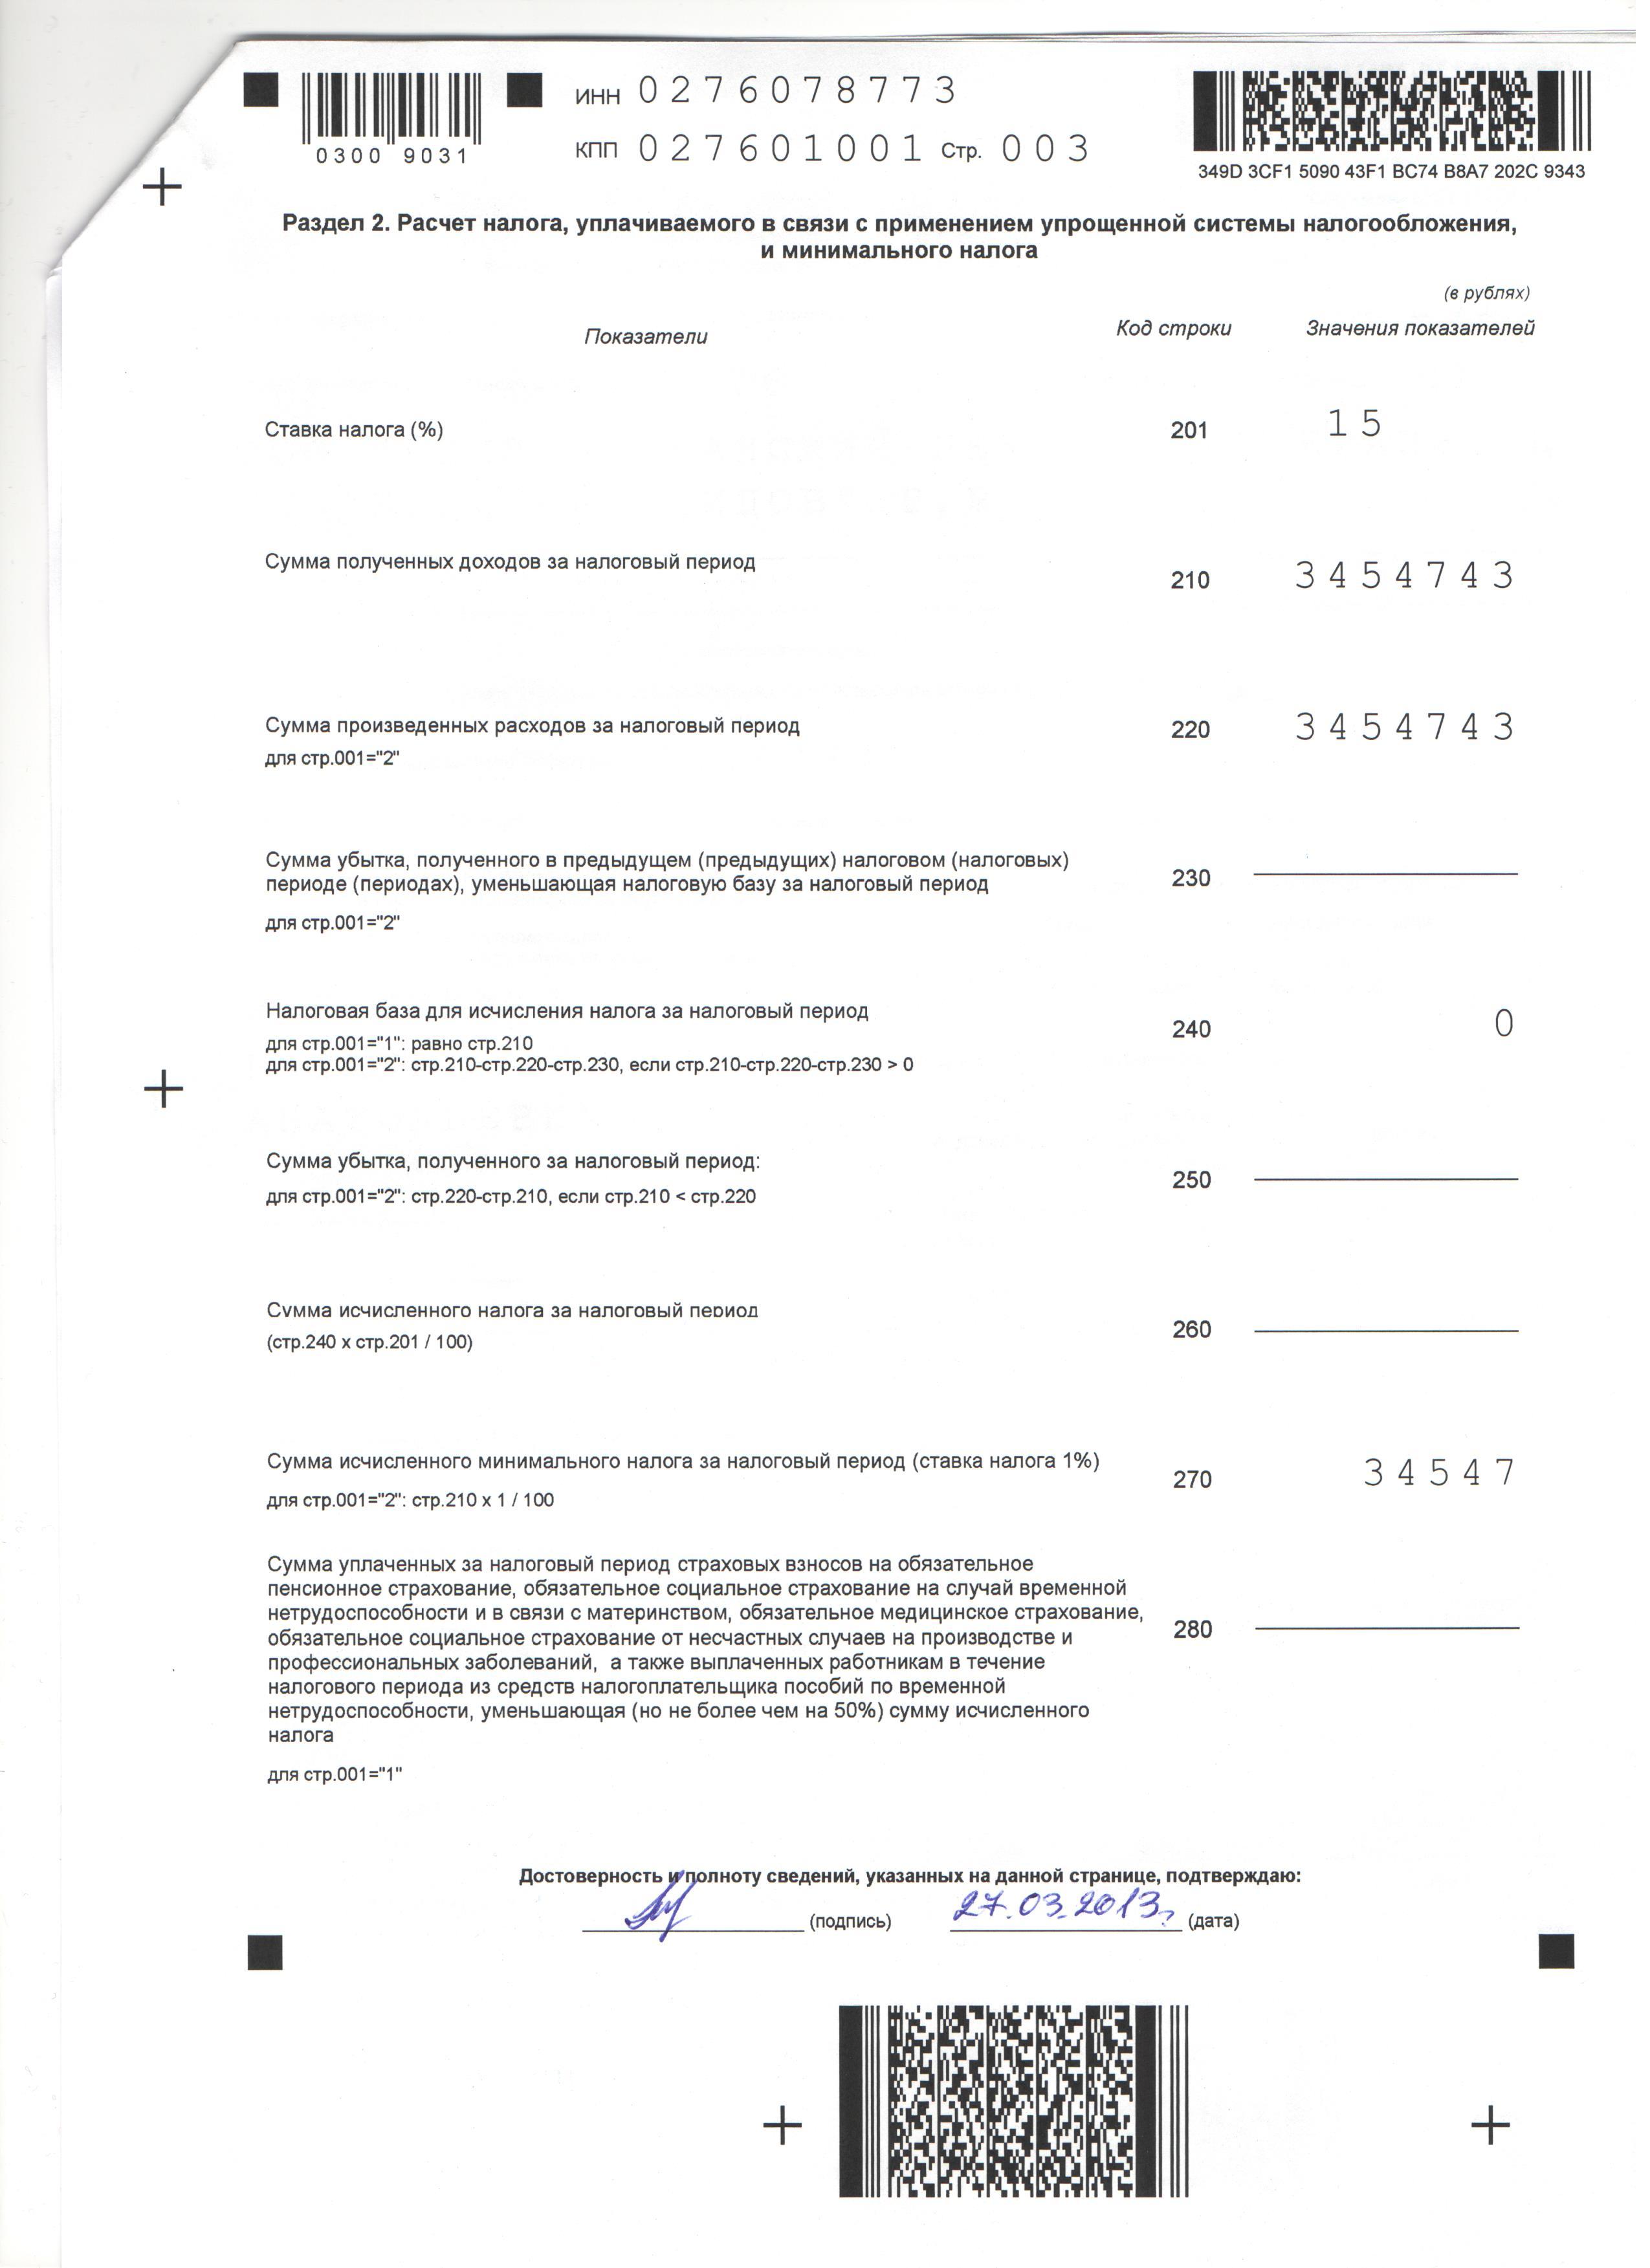 Годовой отчет 2012 год, 3 лист.jpg